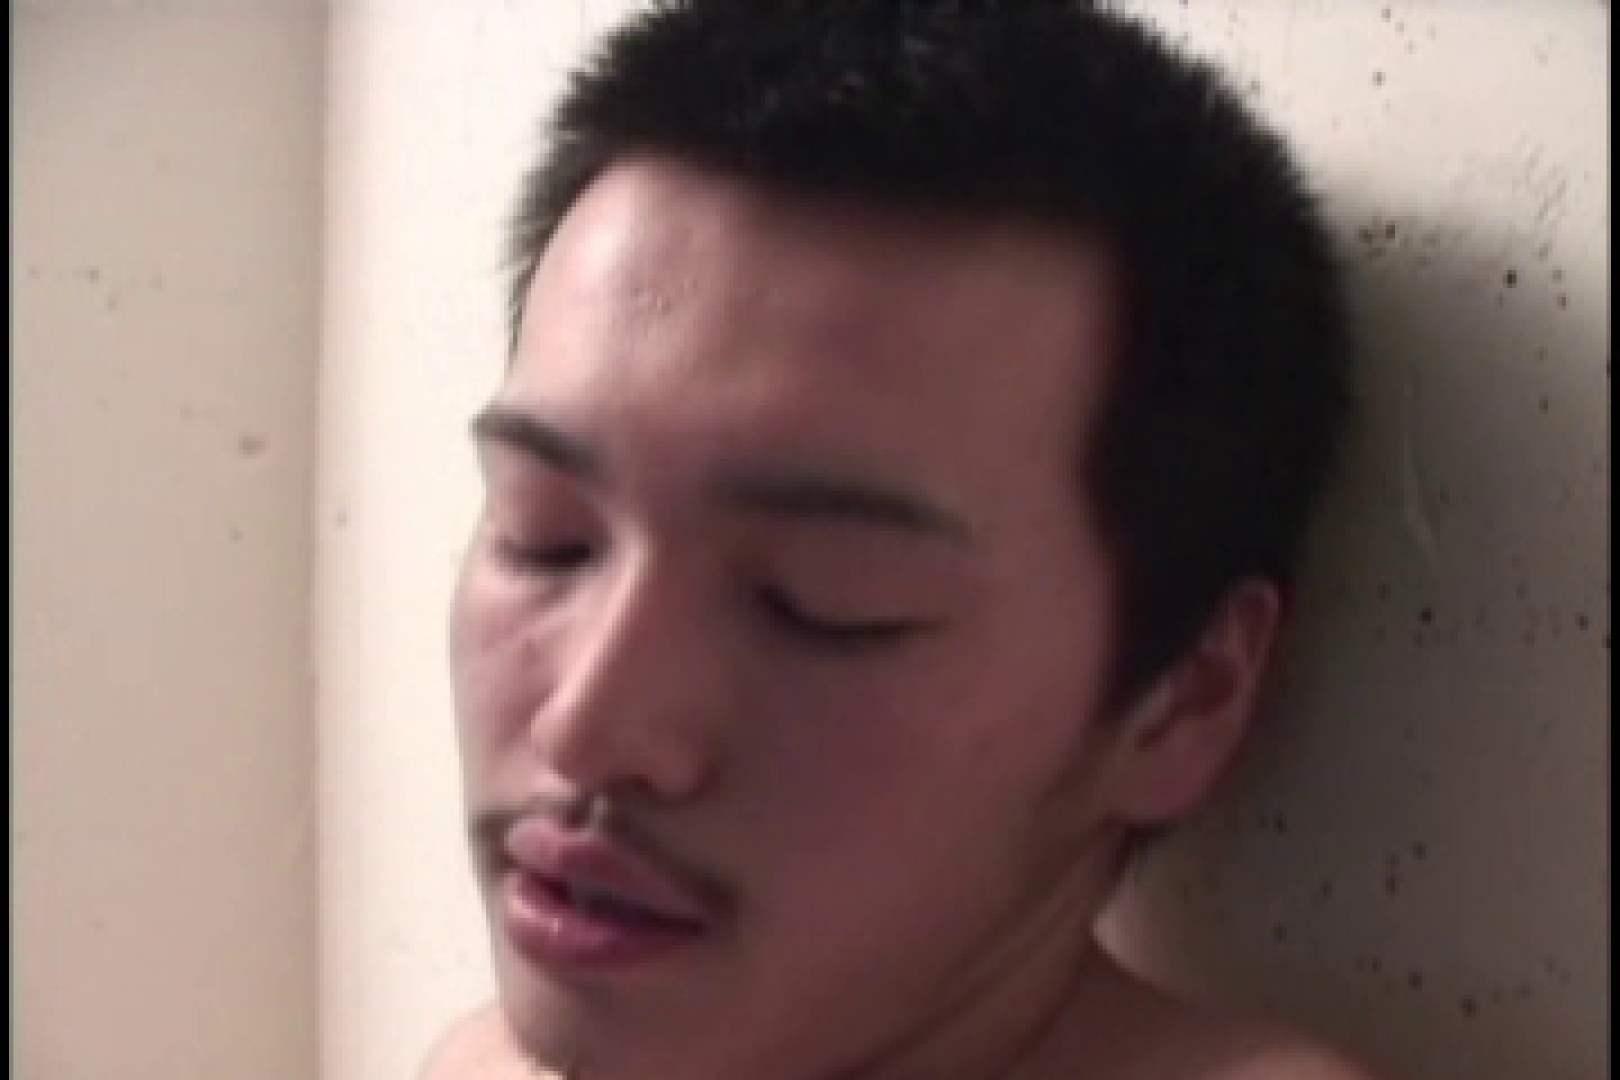 俺のこと買わないか!? vol.01 手コキ ゲイヌード画像 98pic 62